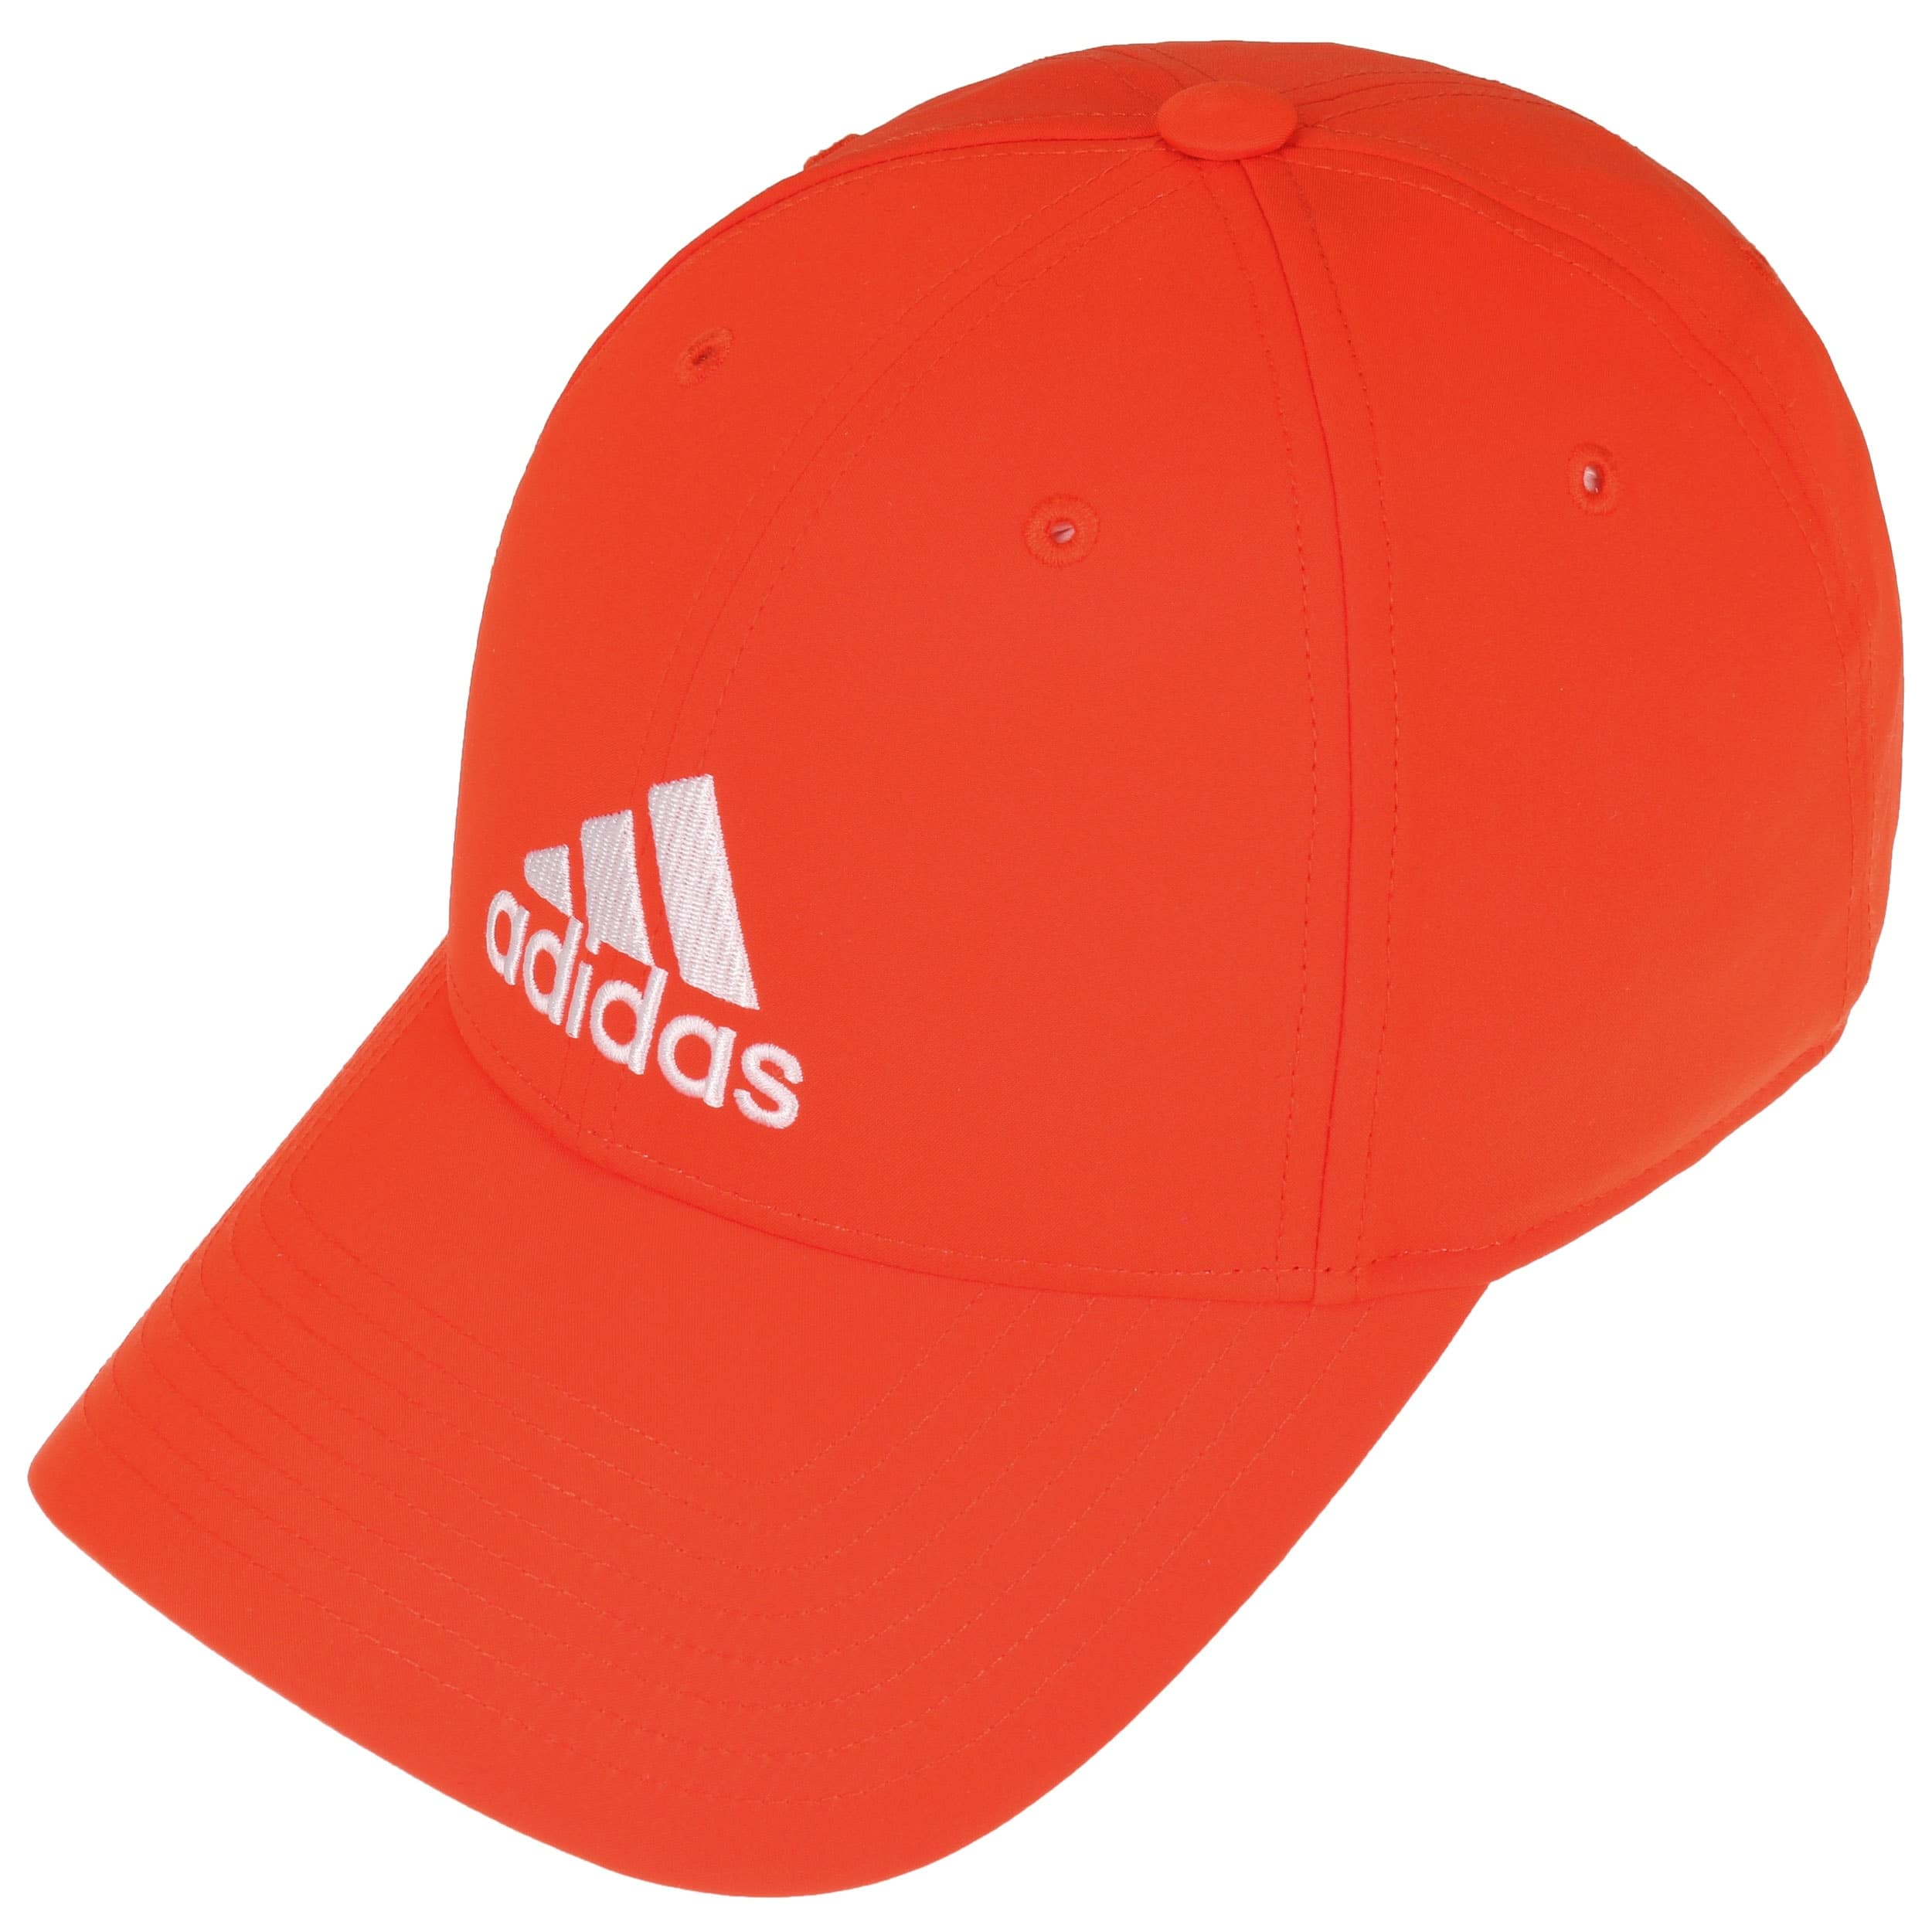 Gorra 6P Niños Strapback by adidas - Gorras - sombreroshop.es 51bd70c89c0